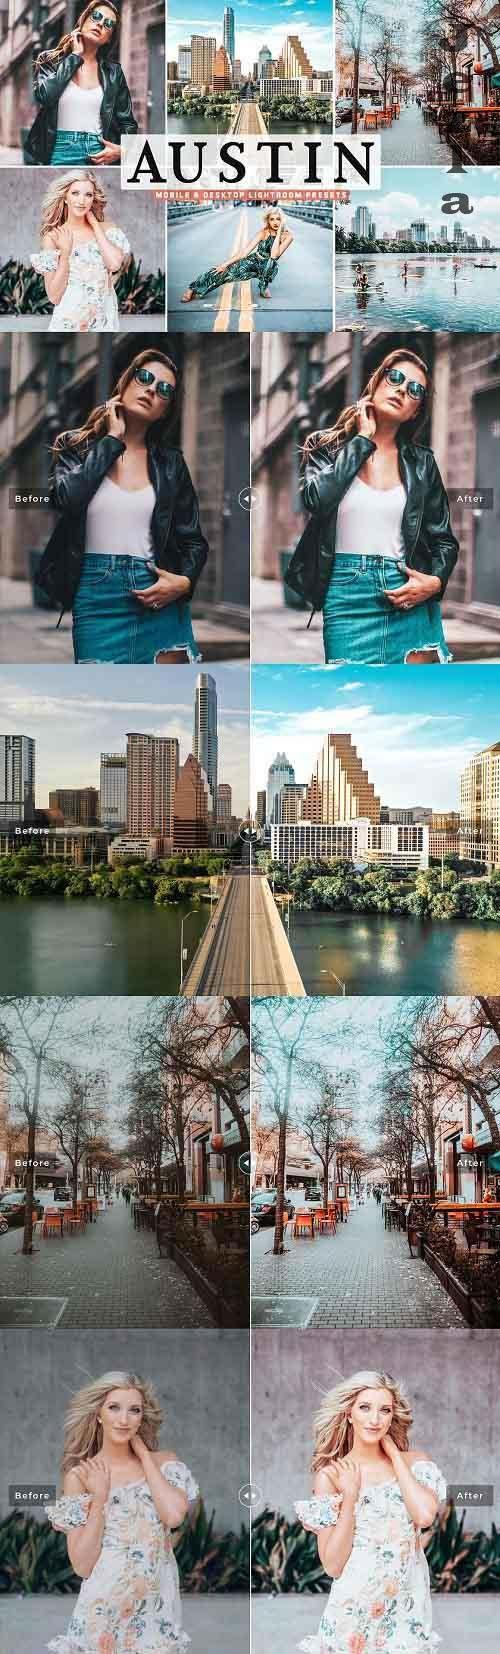 Austin Pro Lightroom Presets - 5342720 - Mobile & Desktop